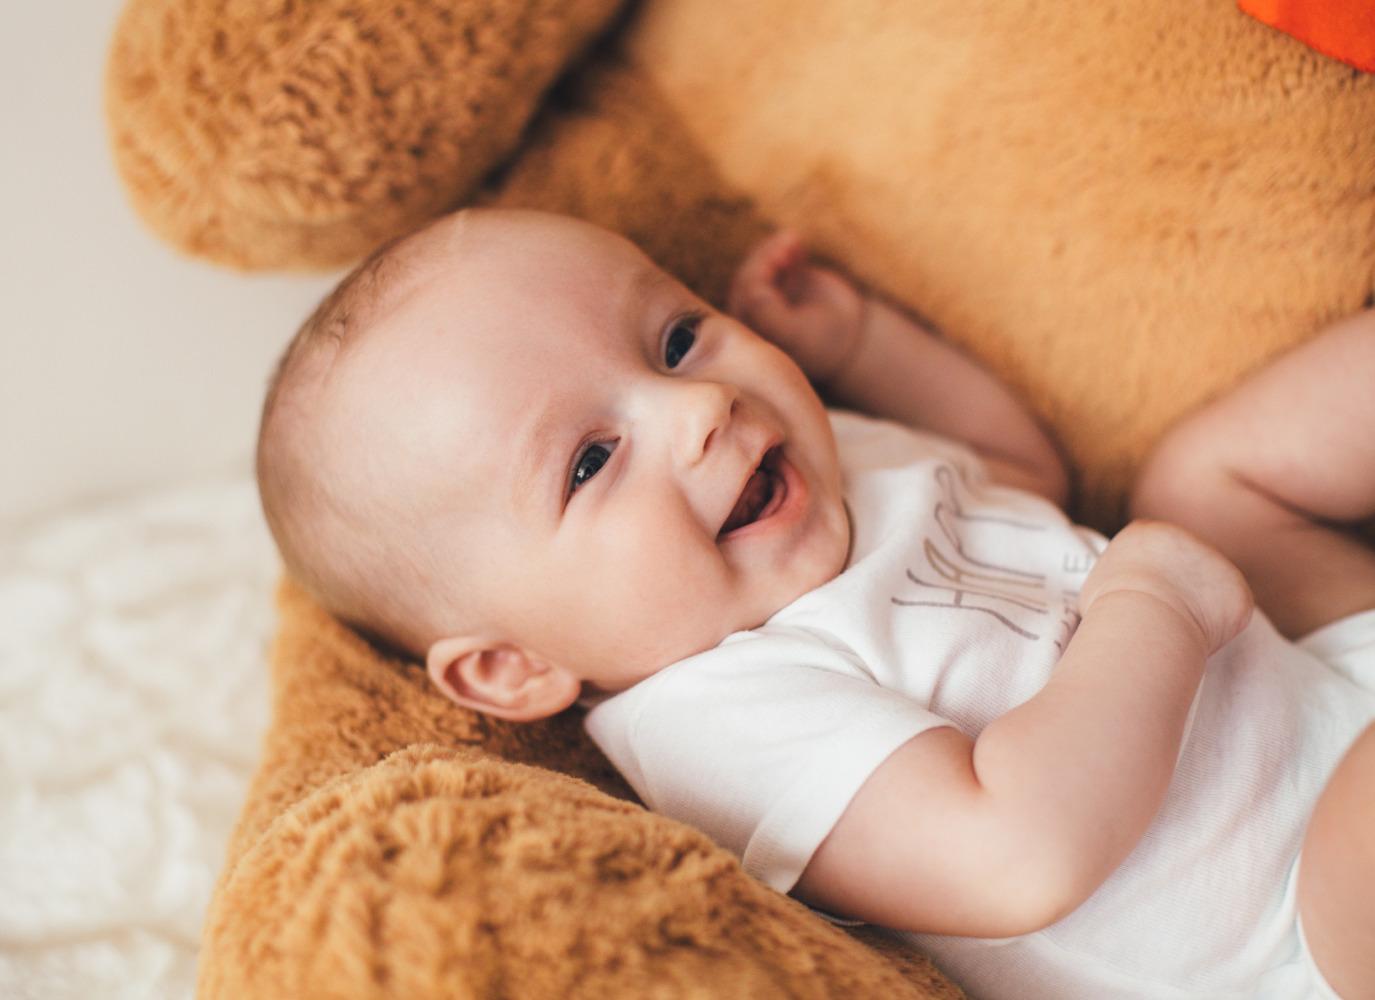 Chăm sóc trẻ sơ sinh 1 tháng tuổi một cách toàn diện